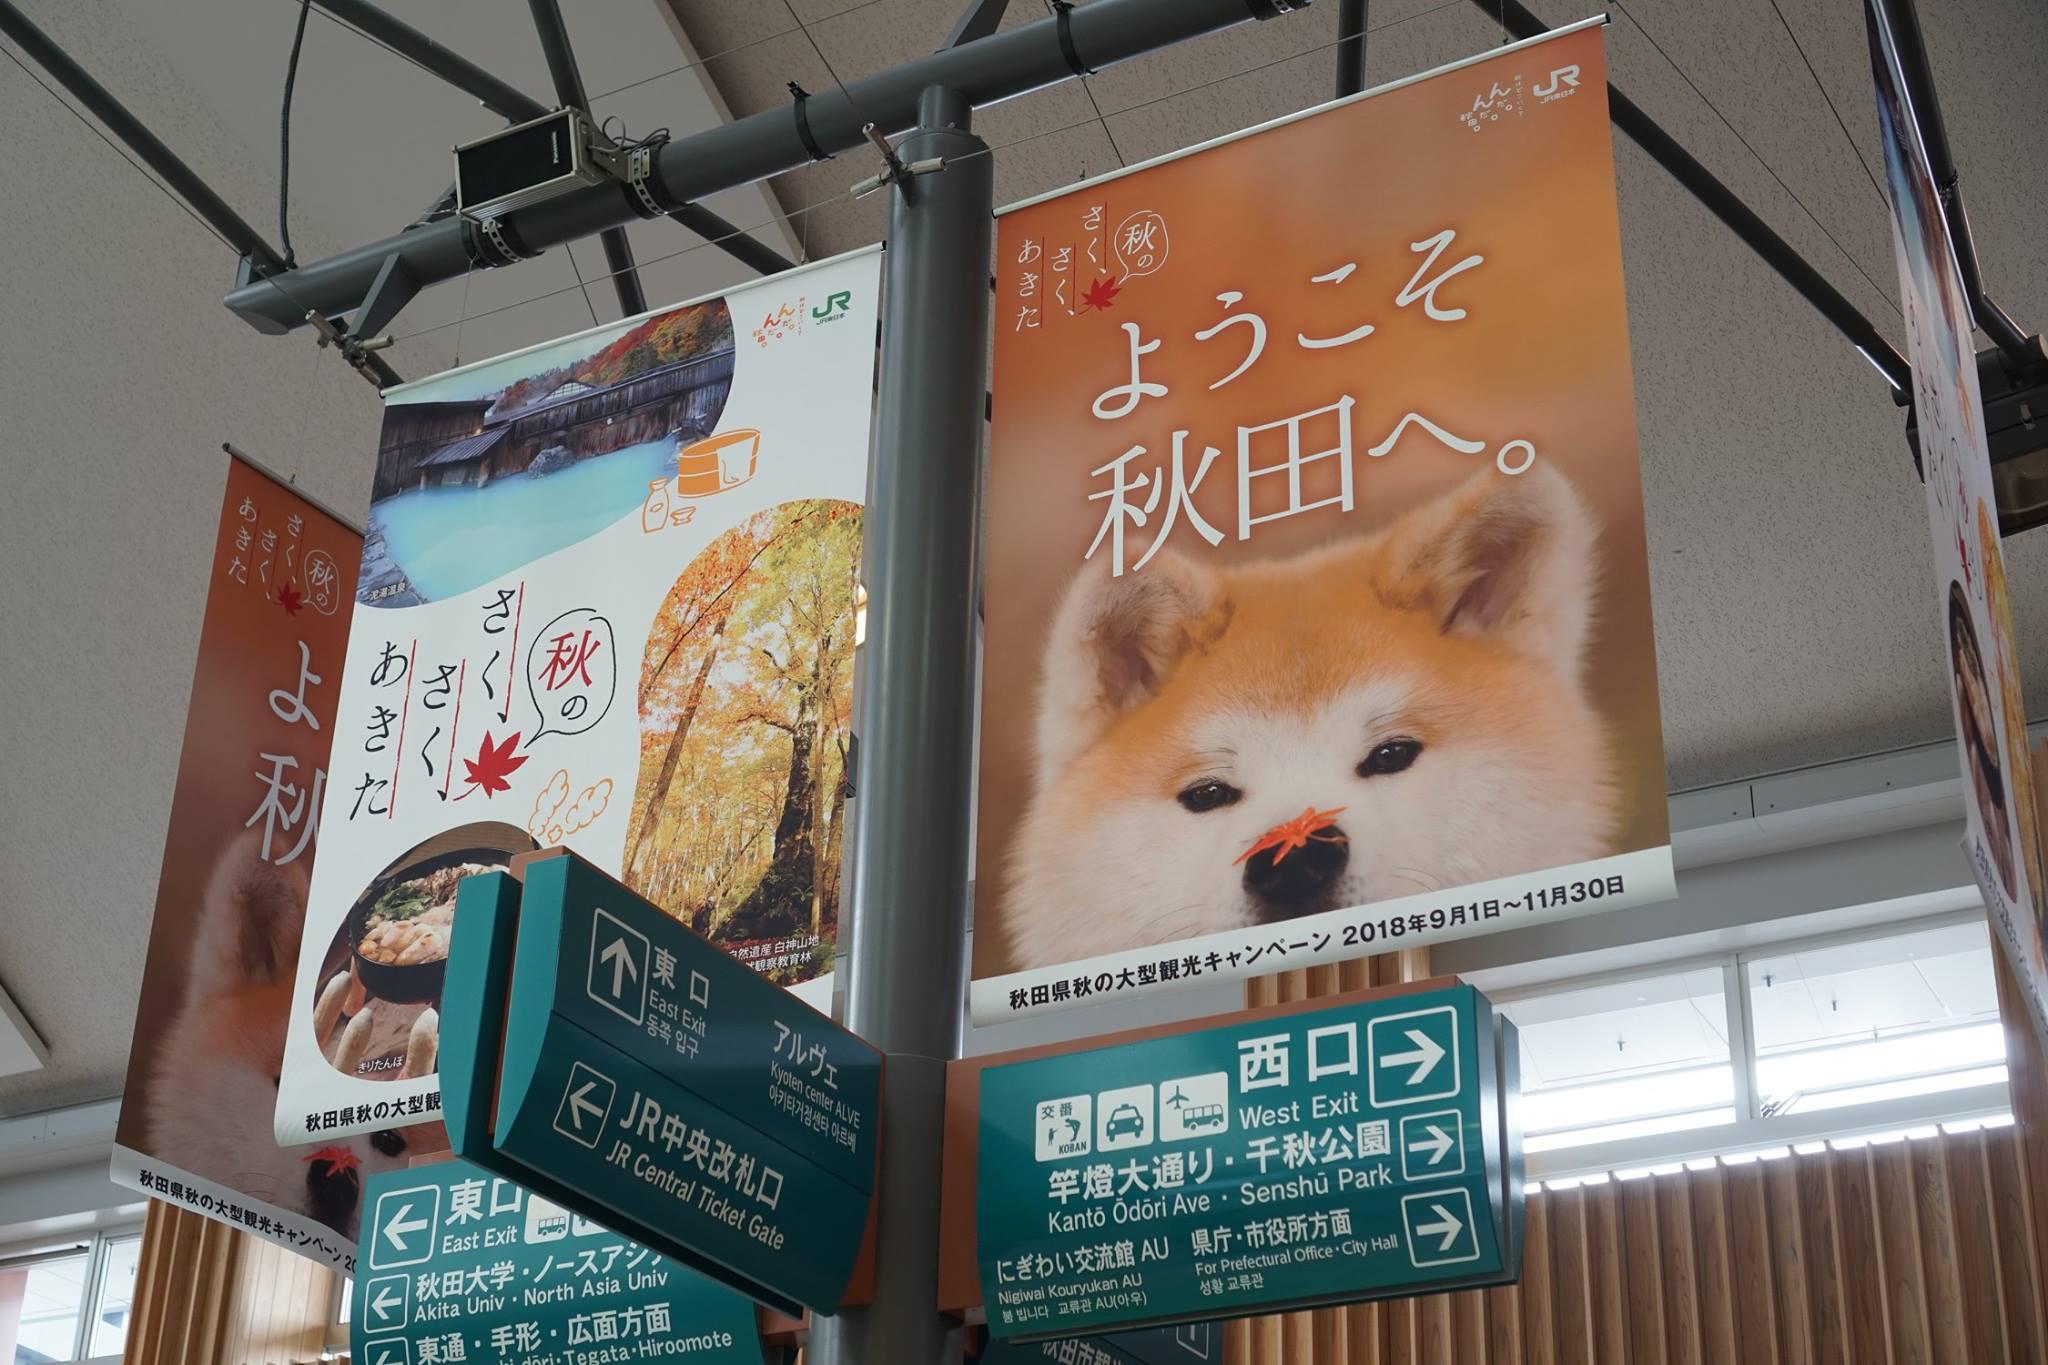 編集部取材日記◆秋の大型観光キャンペーン・オープニングセレモニー